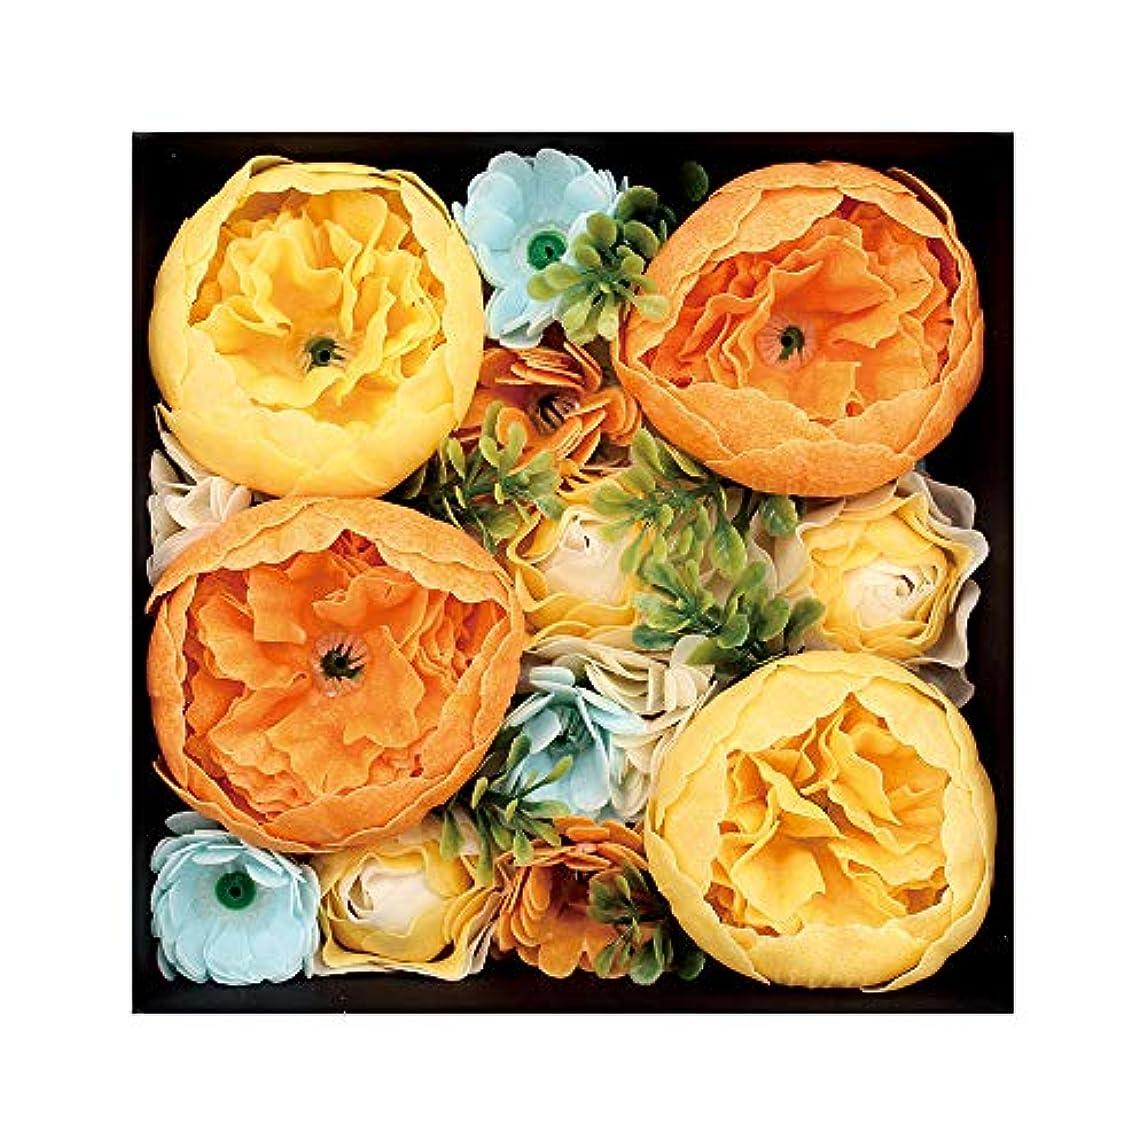 レオナルドダ注文一見ノルコーポレーション 入浴剤 シャンドフルール バスペタル 130g オレンジの香り シエル OB-EGN-1-4